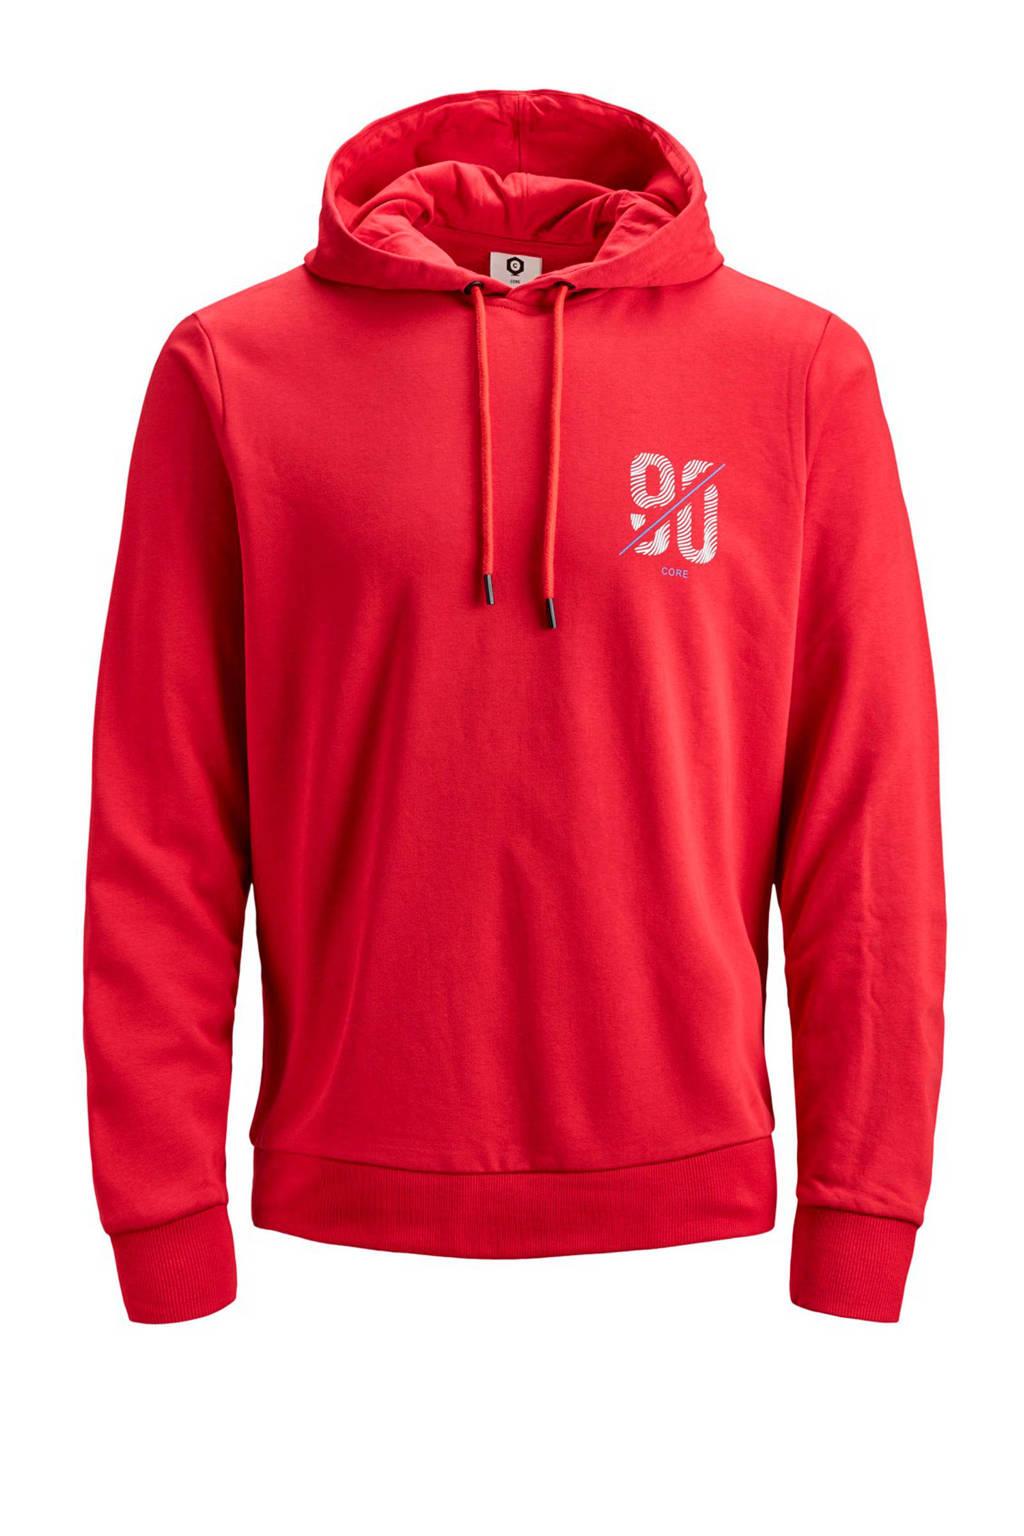 Jack & Jones Core hoodie met logo rood, Rood